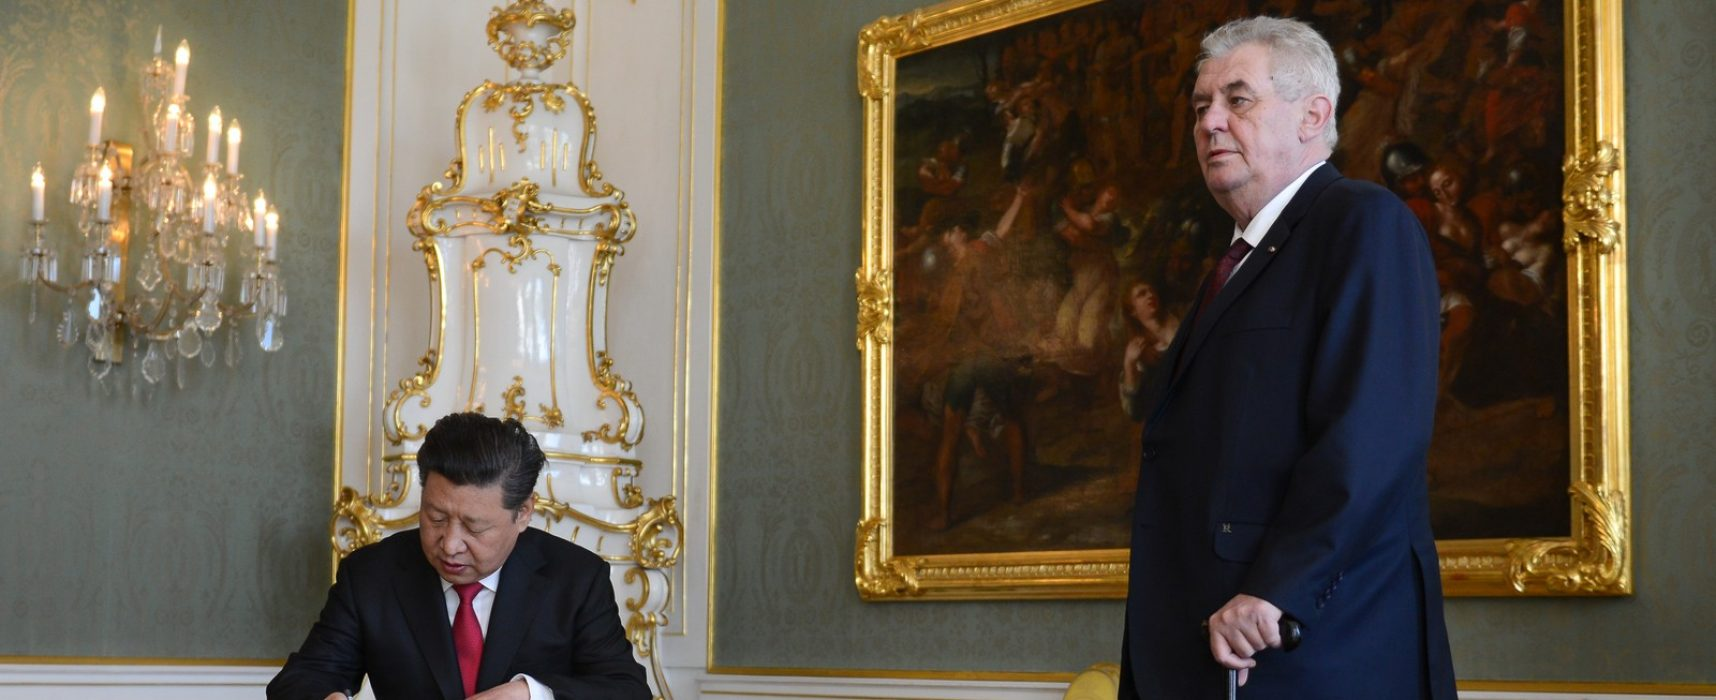 La République Tchèque a accusé la Russie de mener une guerre de l'information